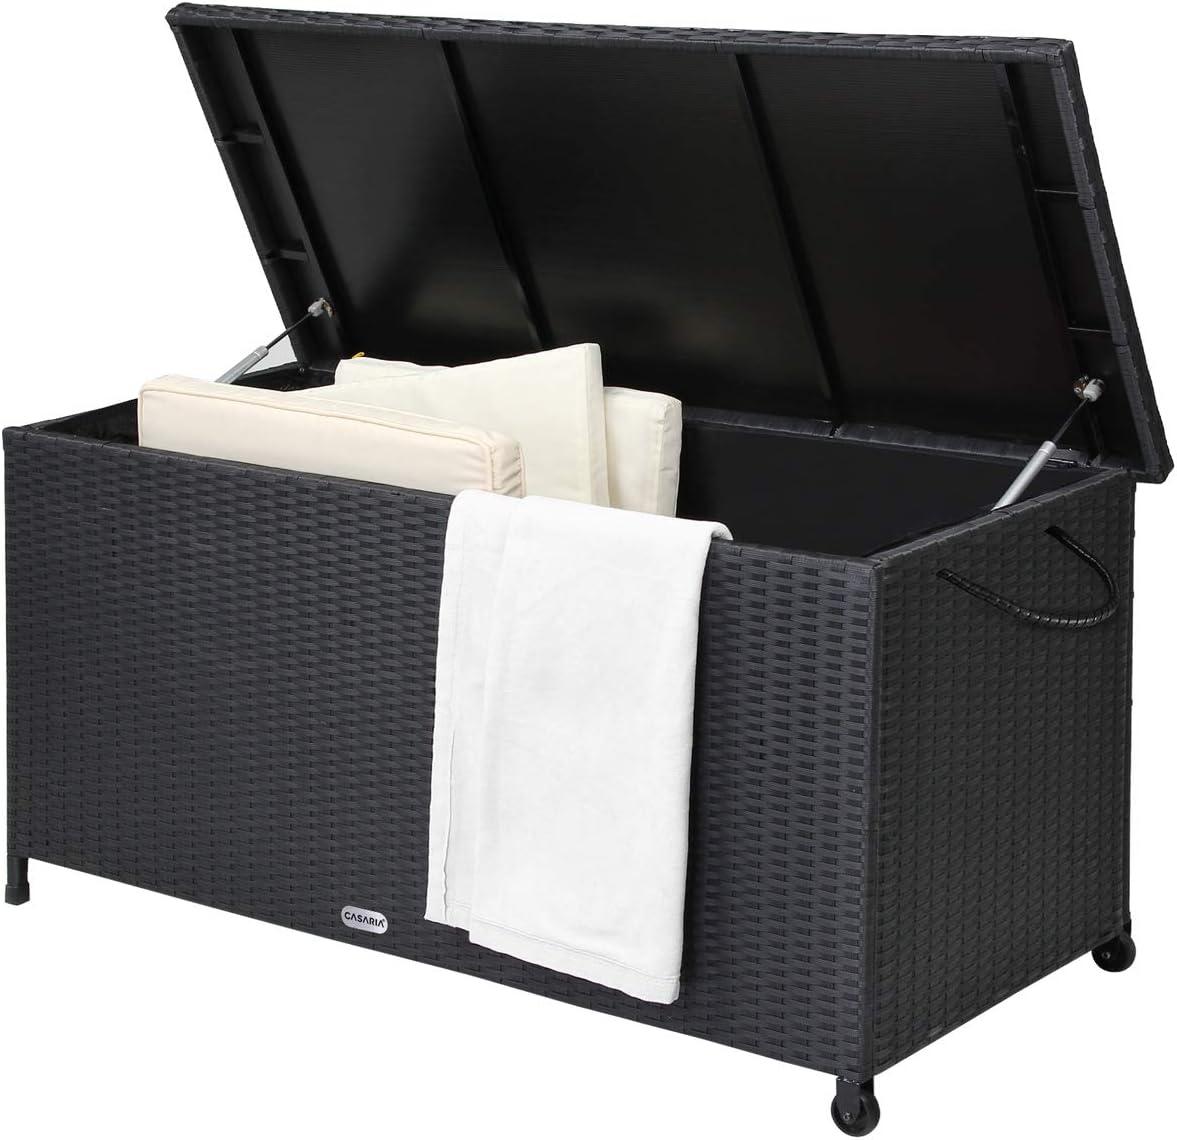 Casaria Baúl de almacenamiento de poliratán con ruedas asas y tapa revestimiento interior impermeable resistente UV jardín